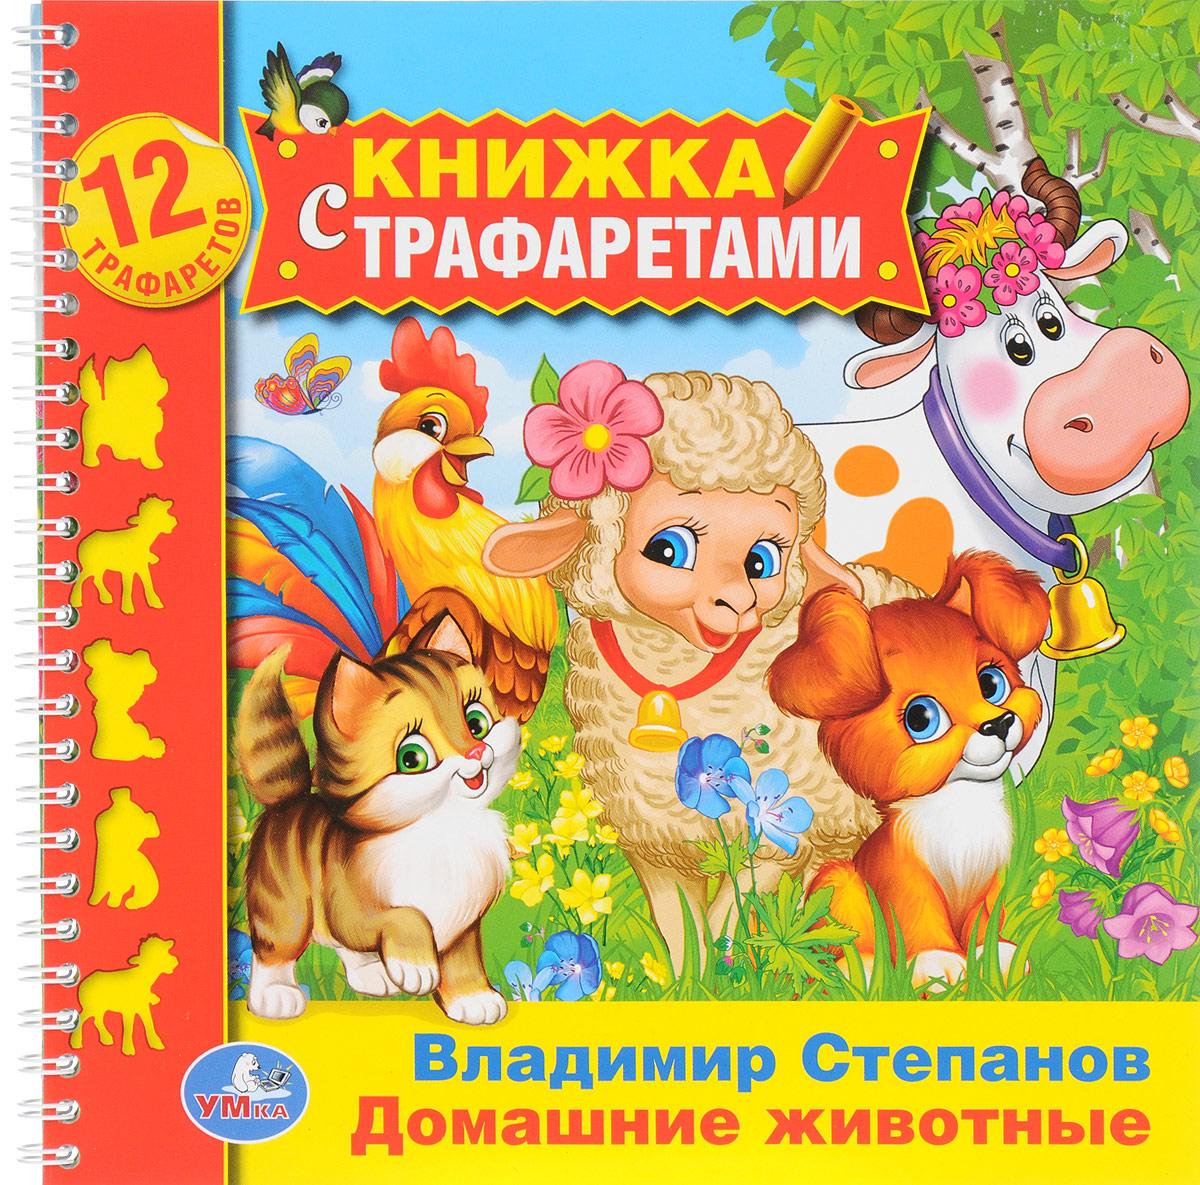 Владимир Степанов Домашние животные. Книжка с трафаретами